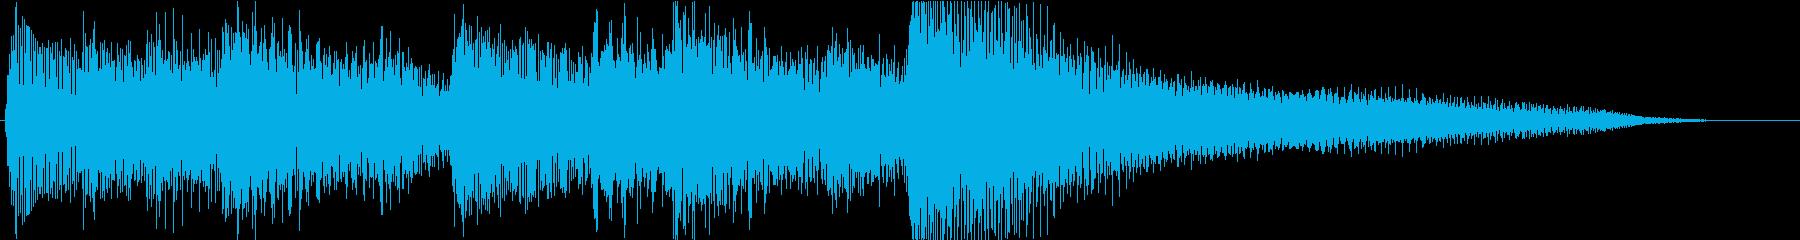 ピアノのレベルアップっぽいジングルの再生済みの波形